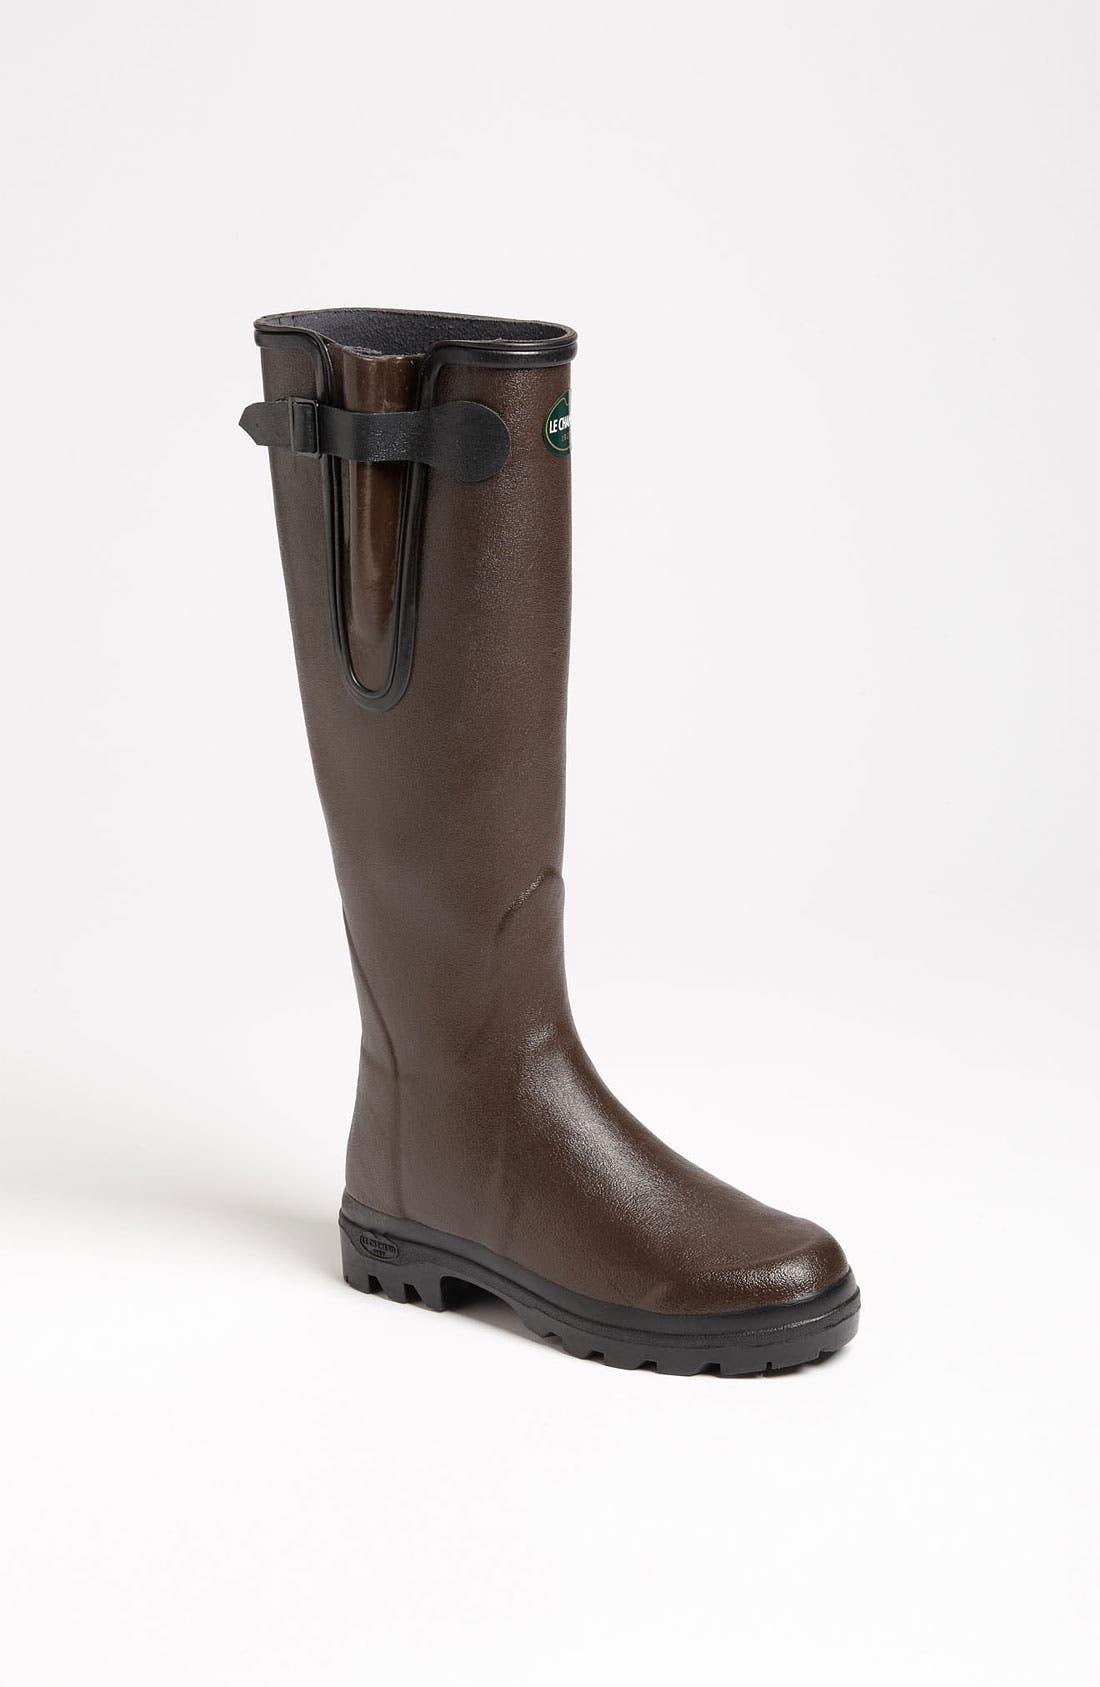 Main Image - Le Chameau 'Vierzon Lady II' Rain Boot (Women)